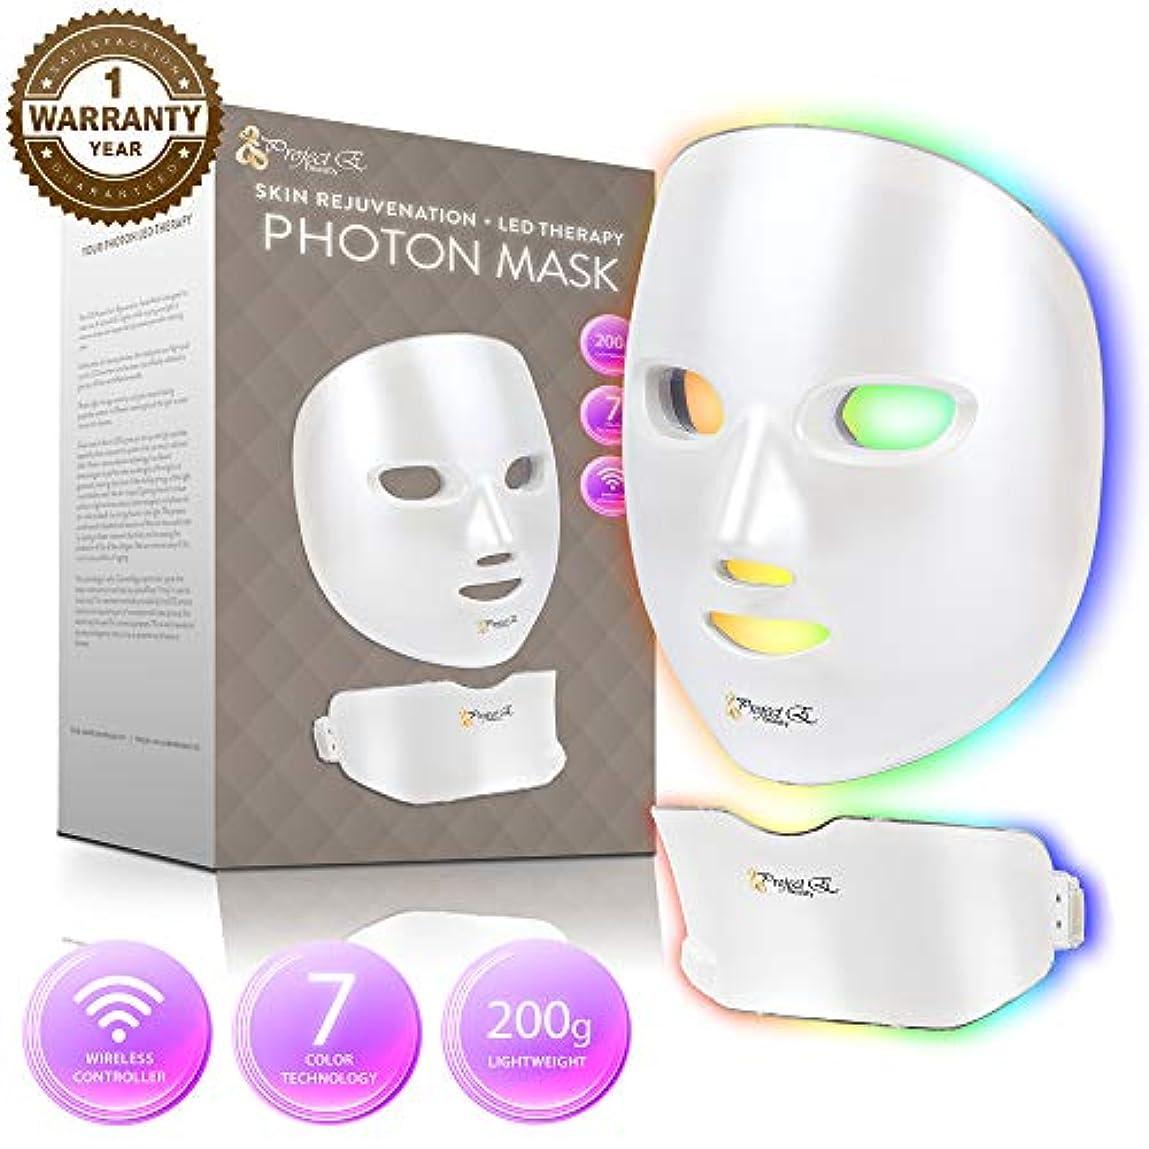 見積りどこでも気晴らしProject E Beauty 7色 マスクフェイス&ネック光子光皮膚若返り療法顔 スキンケア無線マスクを主導しました ワンサイズ パール?ホワイト